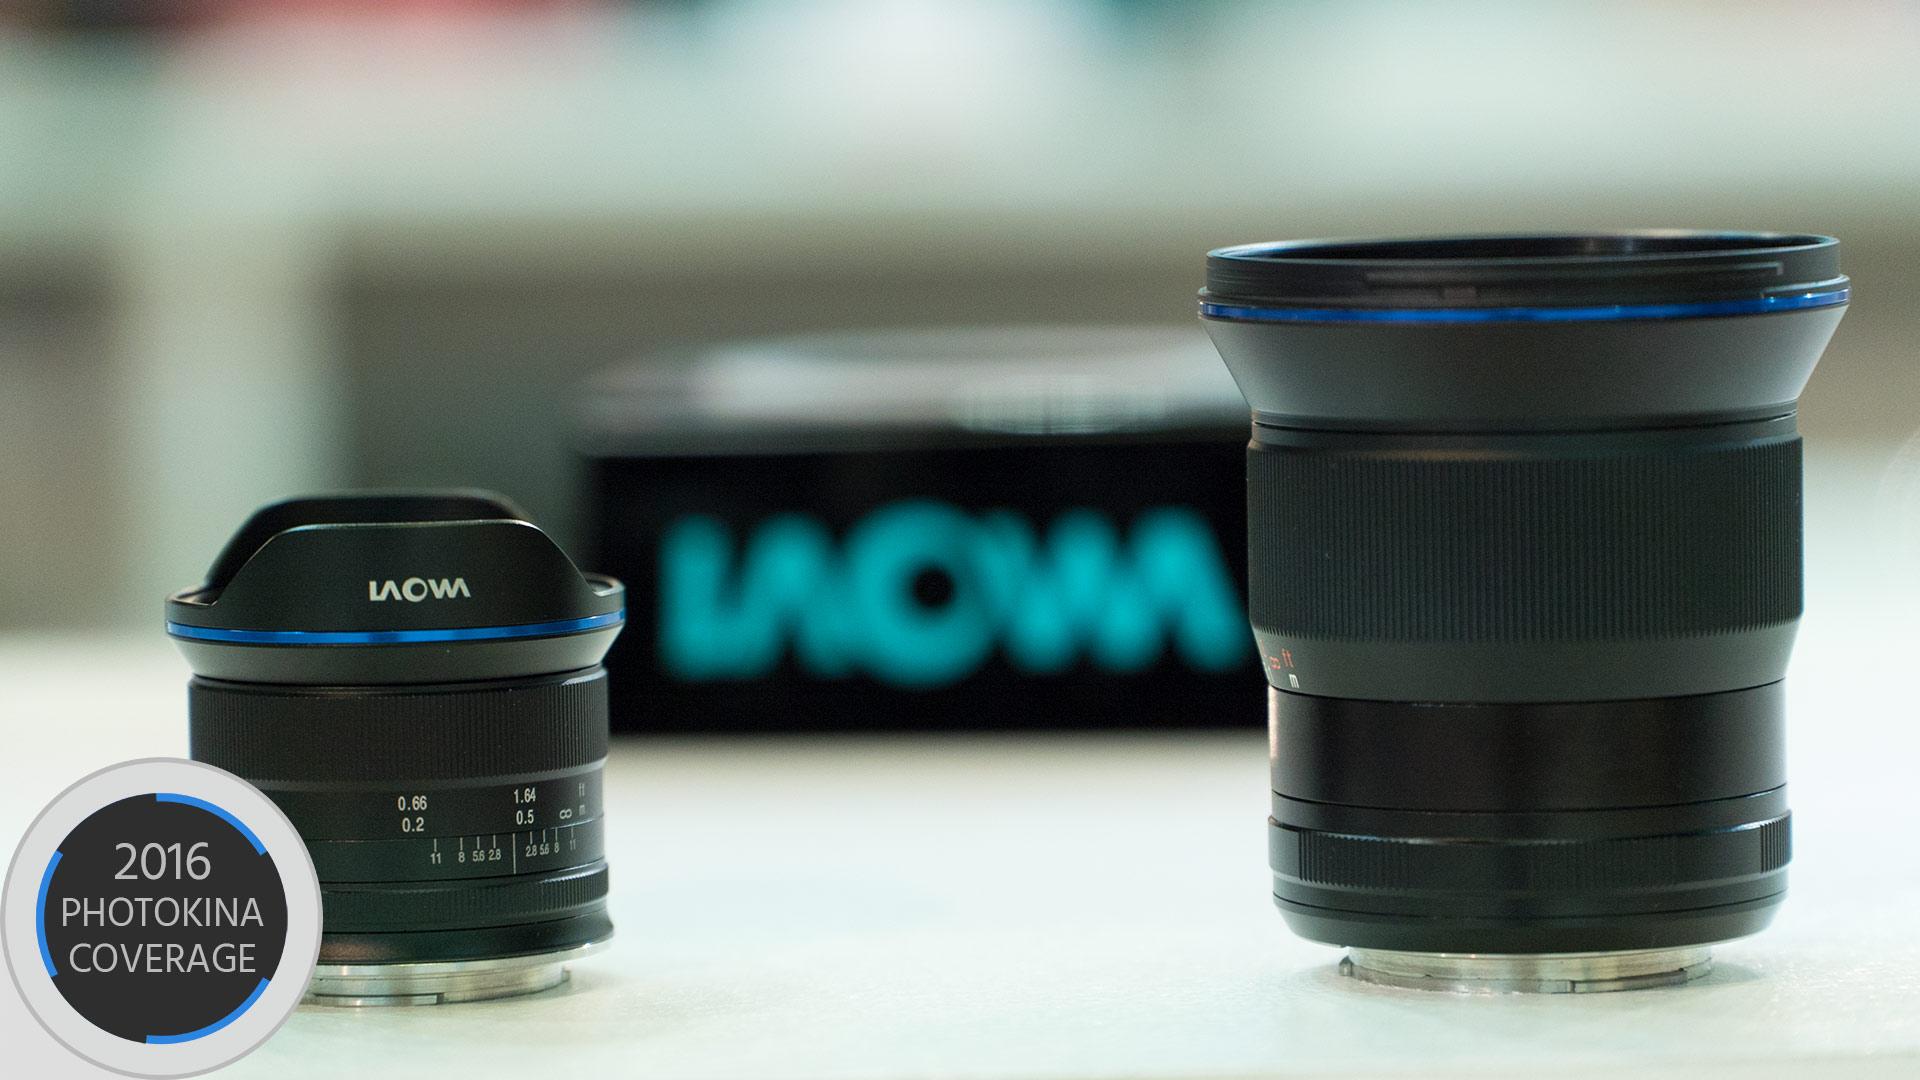 Laowaが15mm F2 Eマウントと7.5mm F2 MFTマウントを発表 — 明るく小型軽量のレンズ